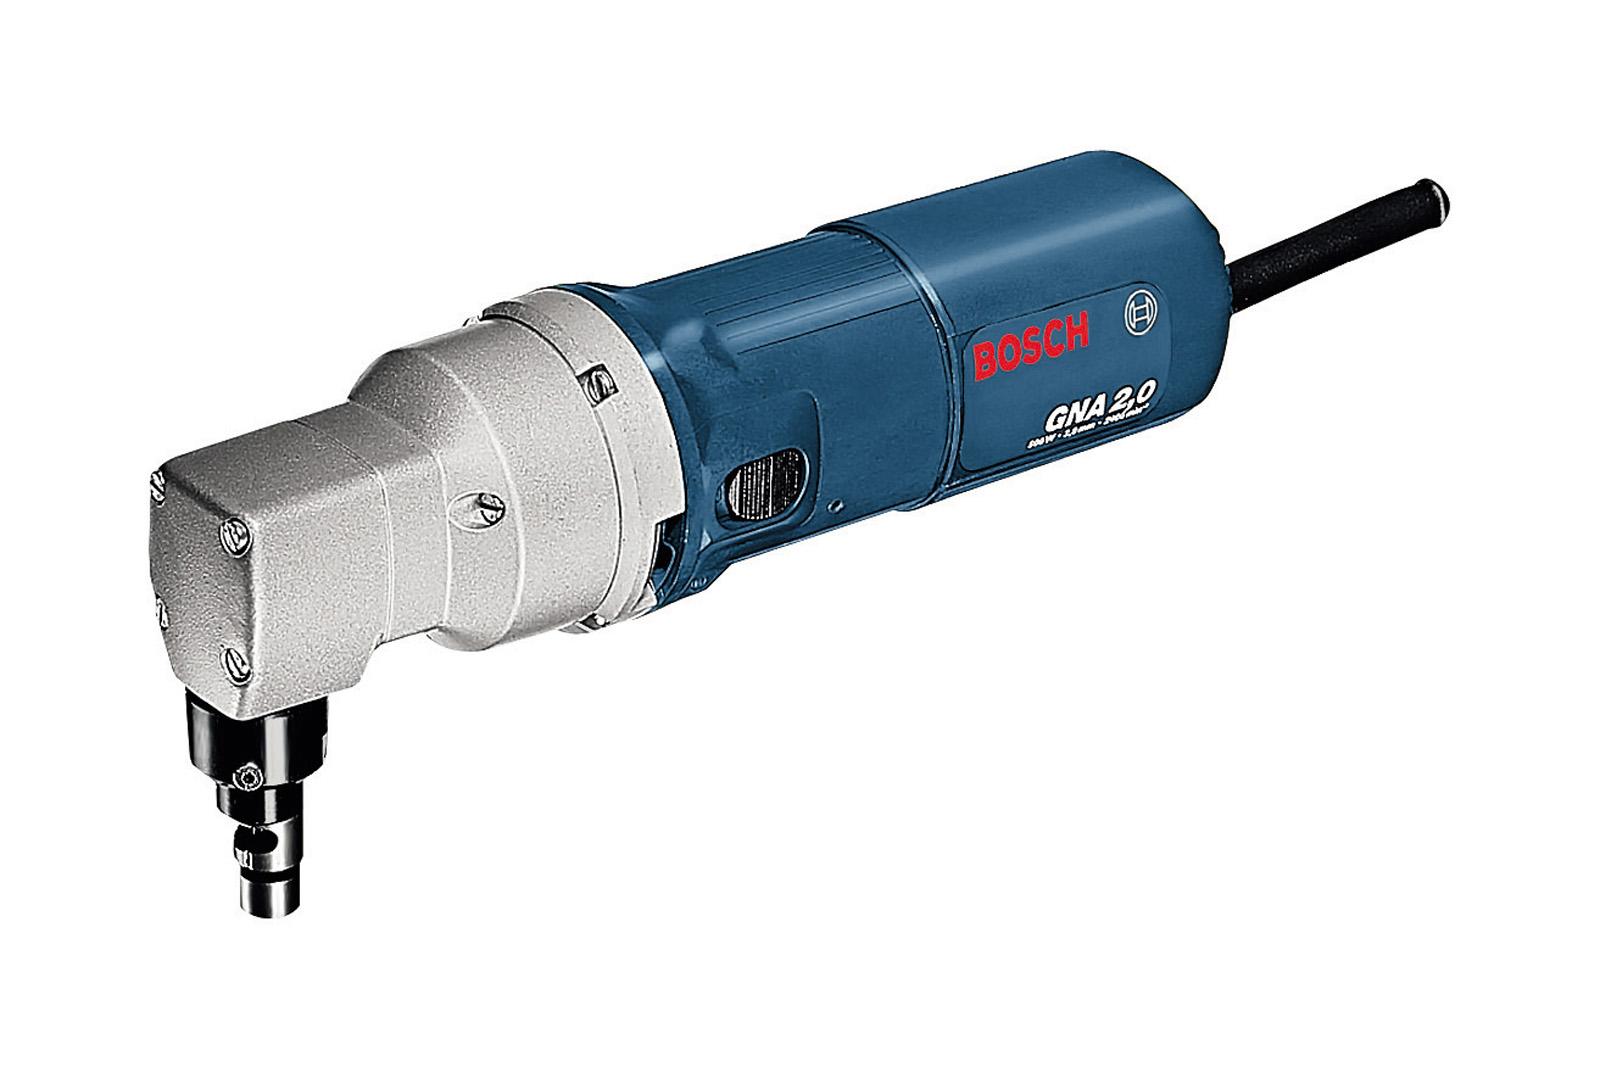 Высечные ножницы по металлу Bosch Gna 2,0 (0.601.530.103)